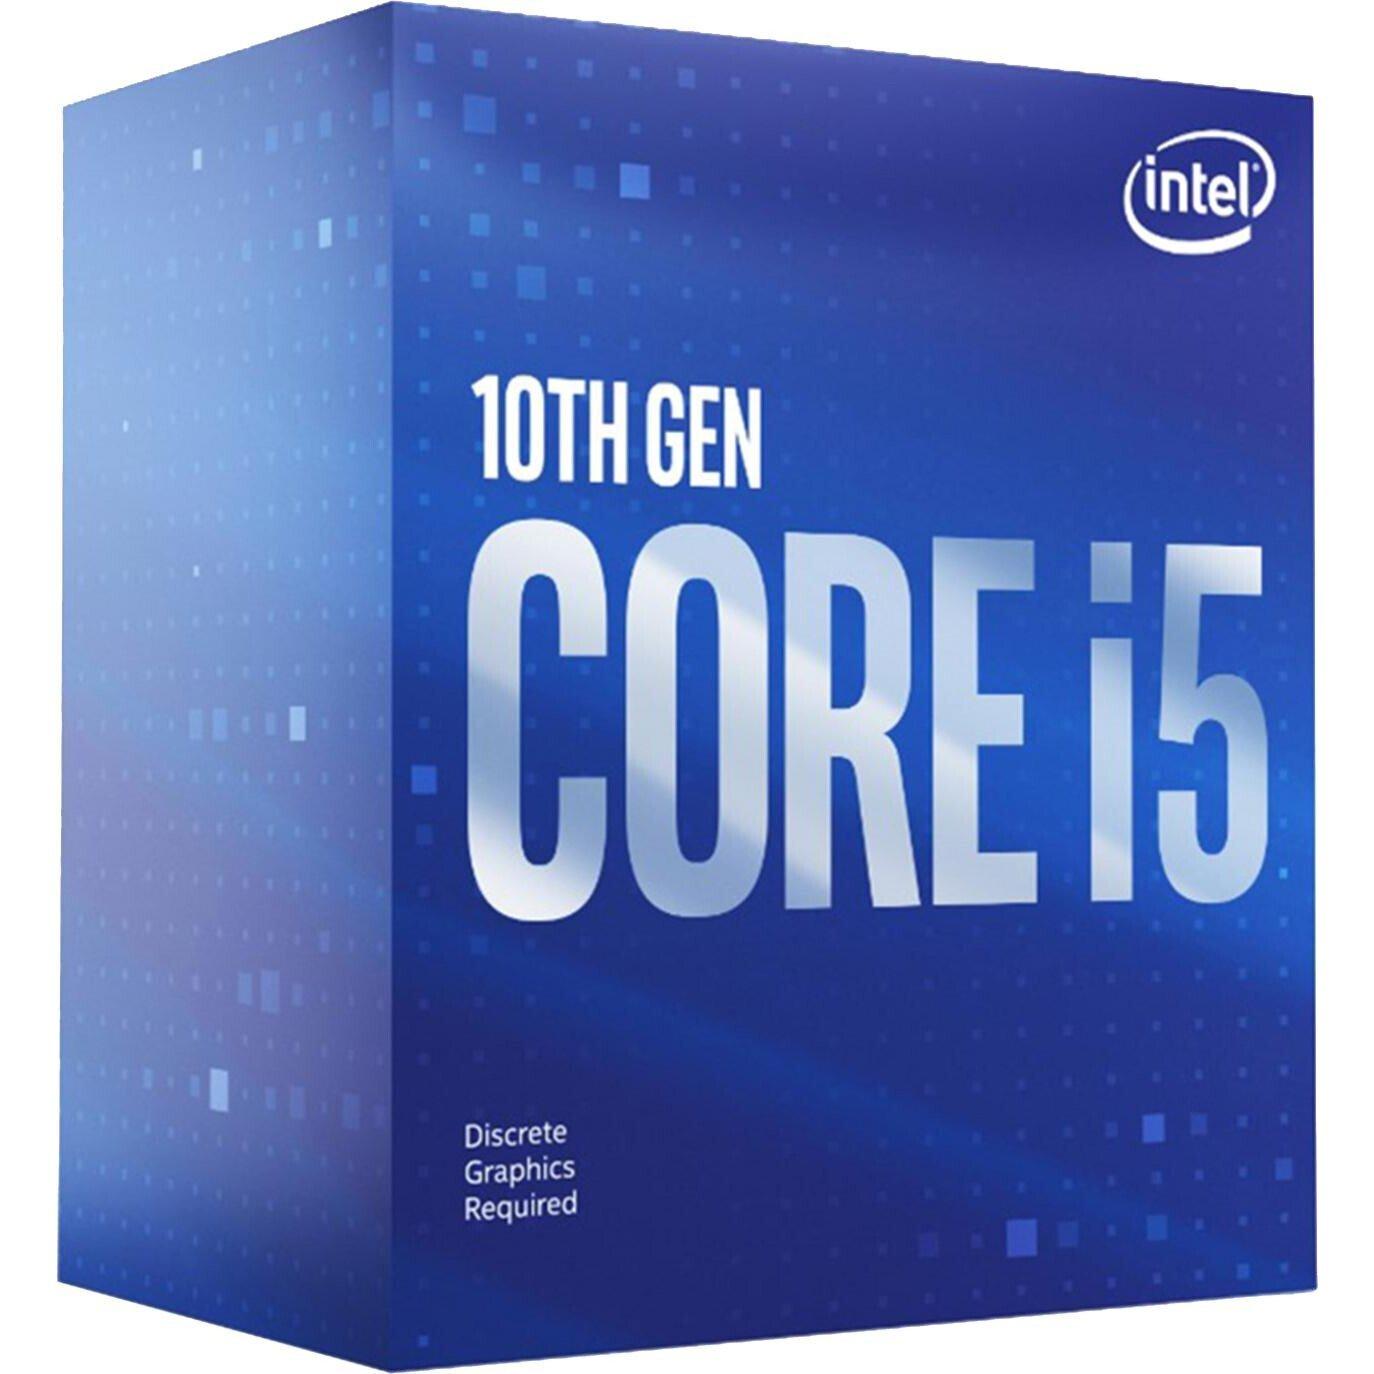 Процесор Intel Core i5-10400F 6/12 2.9GHz (BX8070110400F) фото